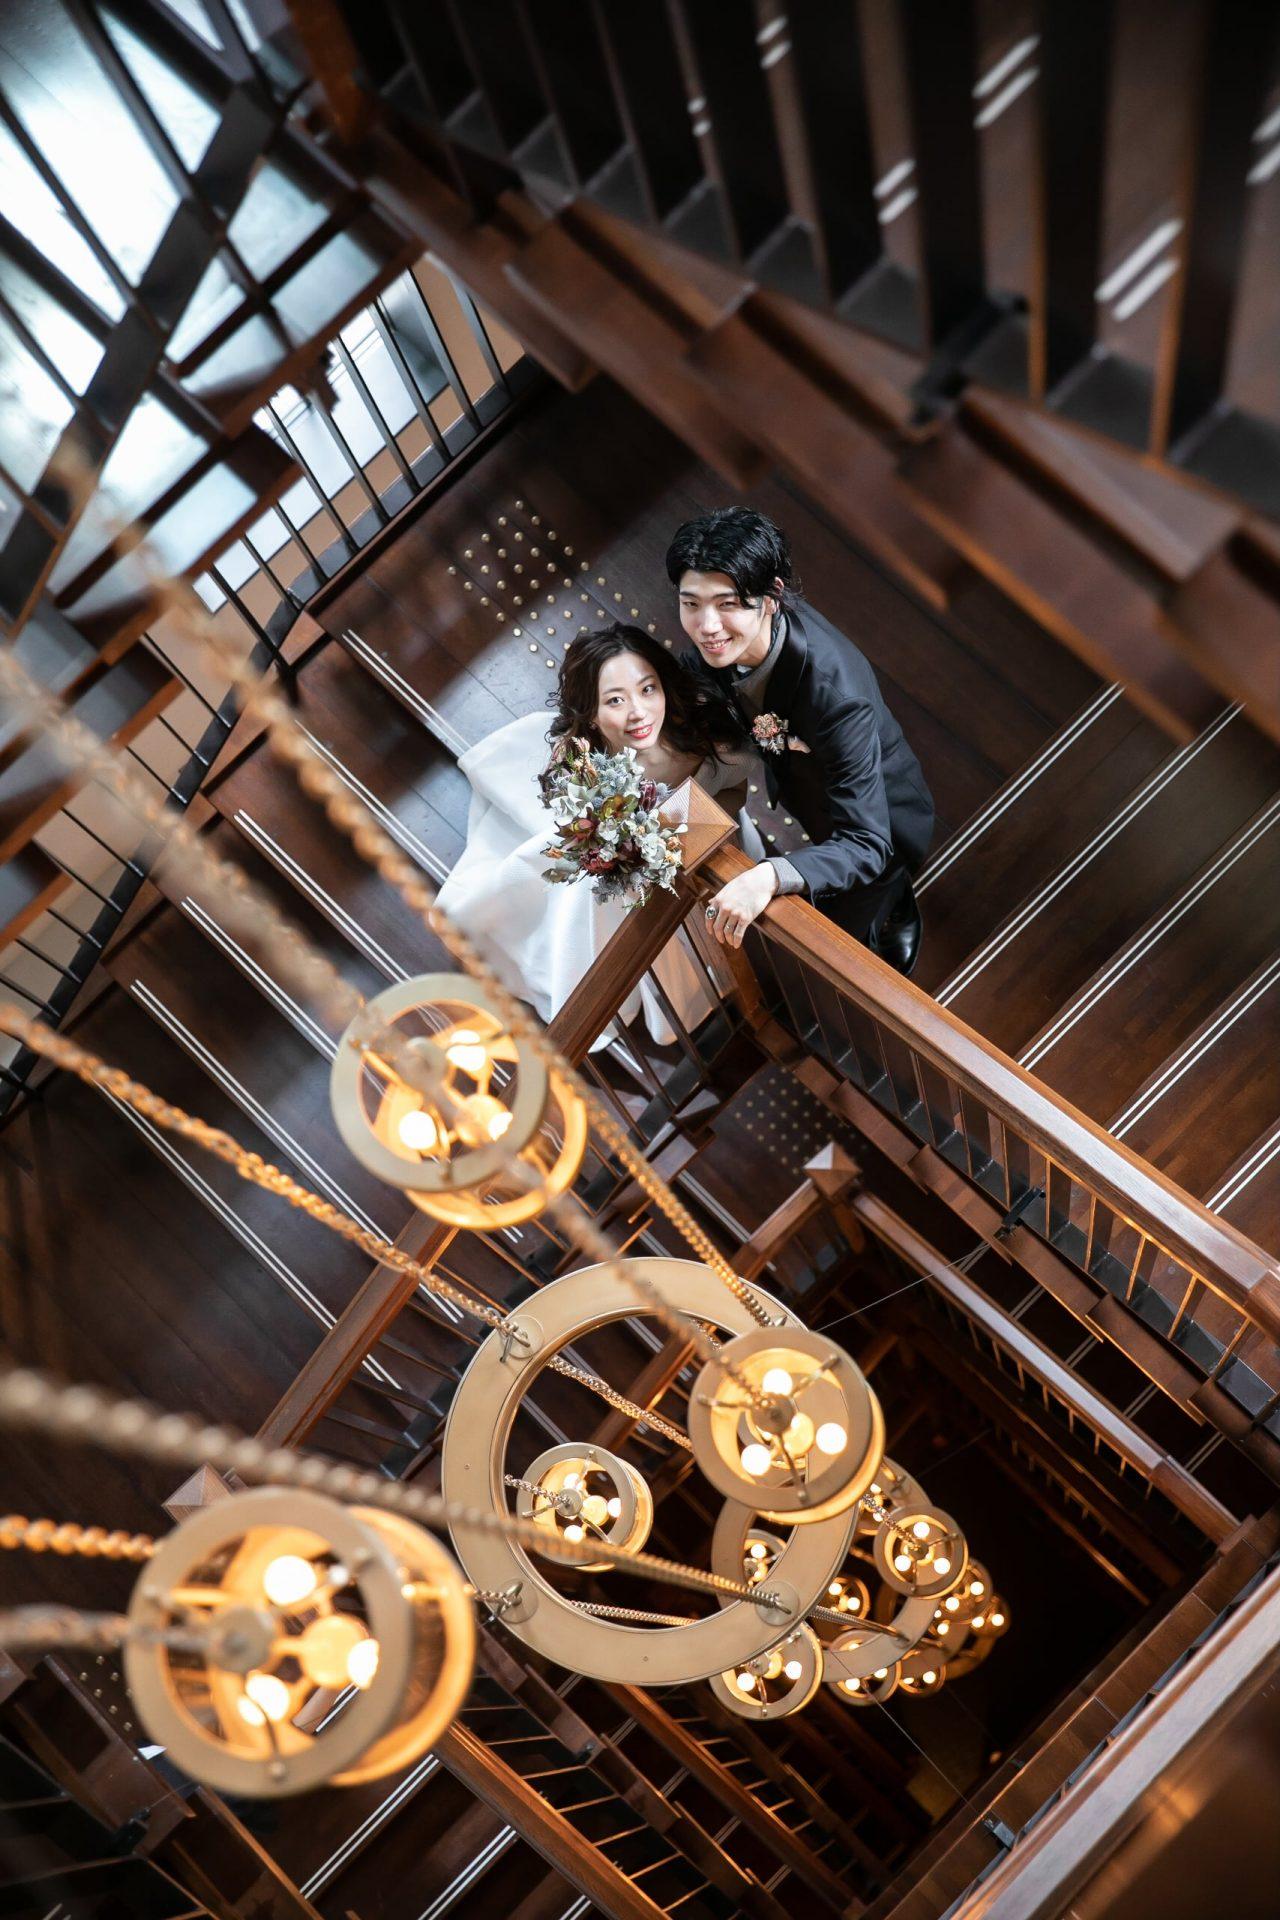 ザ・コンダーハウスでの前撮りやお式をされる新郎新婦様にTHE TREAT DRESSINGがおすすめするウェディングスタイル